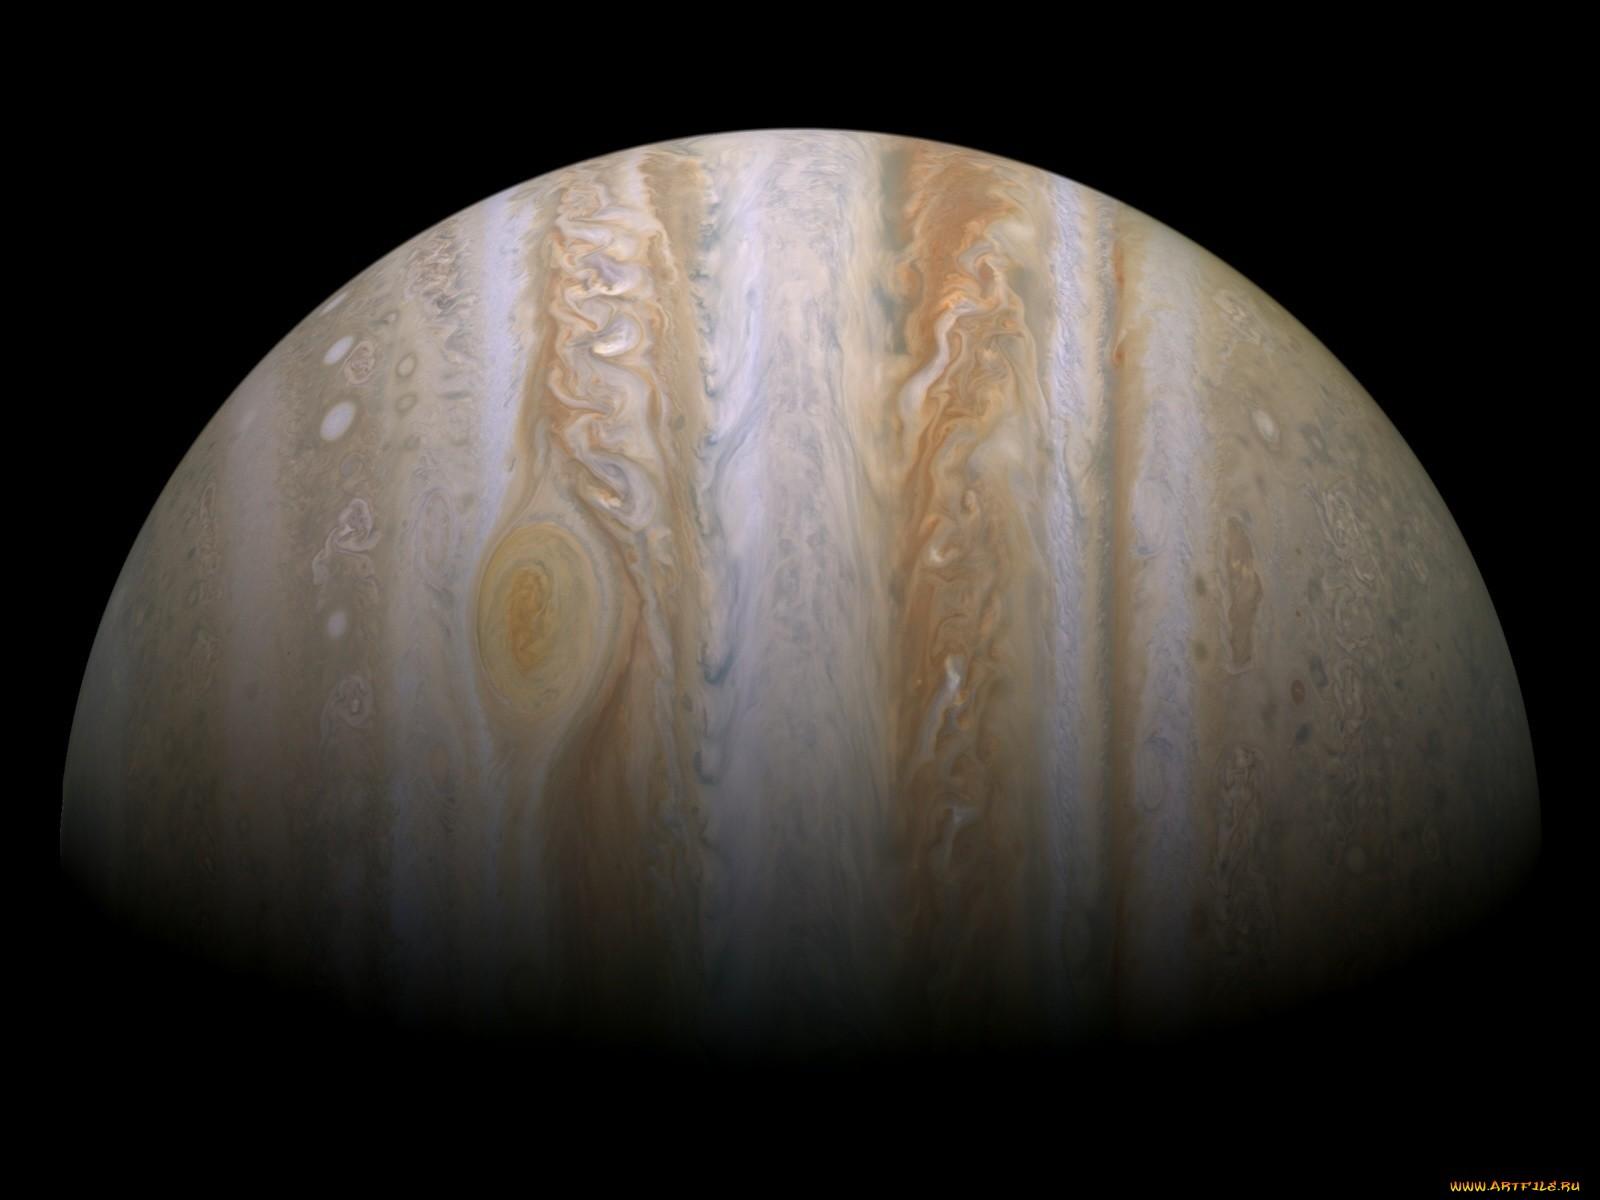 planet jupiter color - HD1200×800